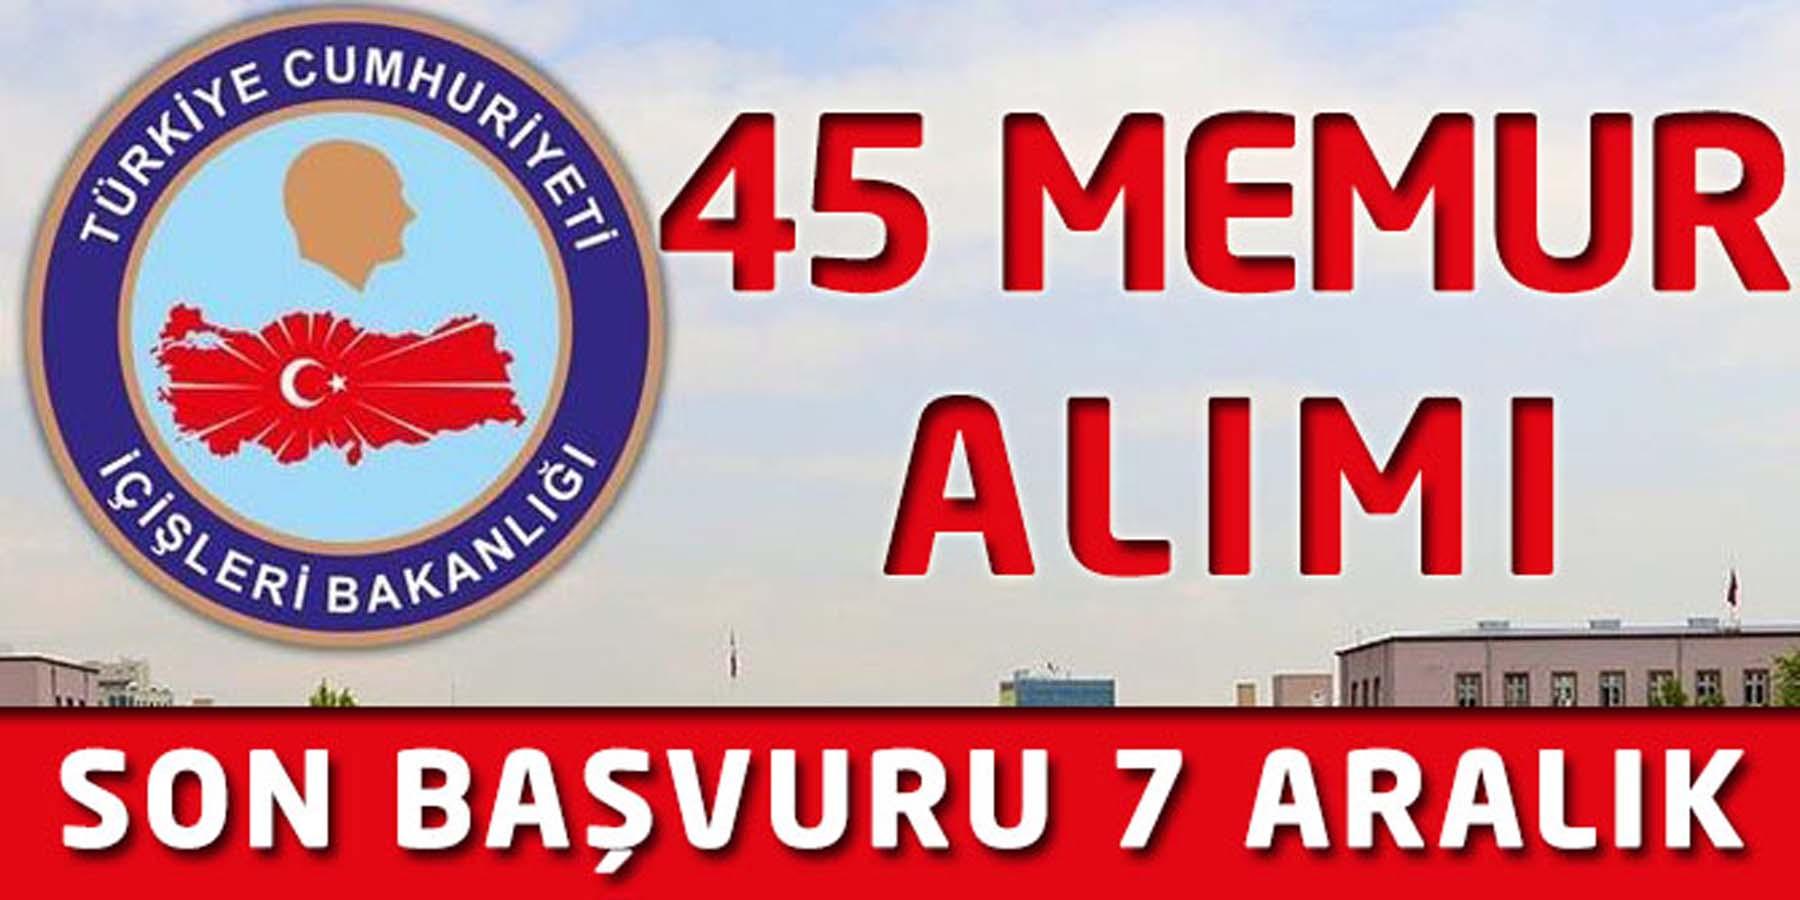 İçişleri Bakanlığı 45 Memur Alımı Başvurusu Bitiyor